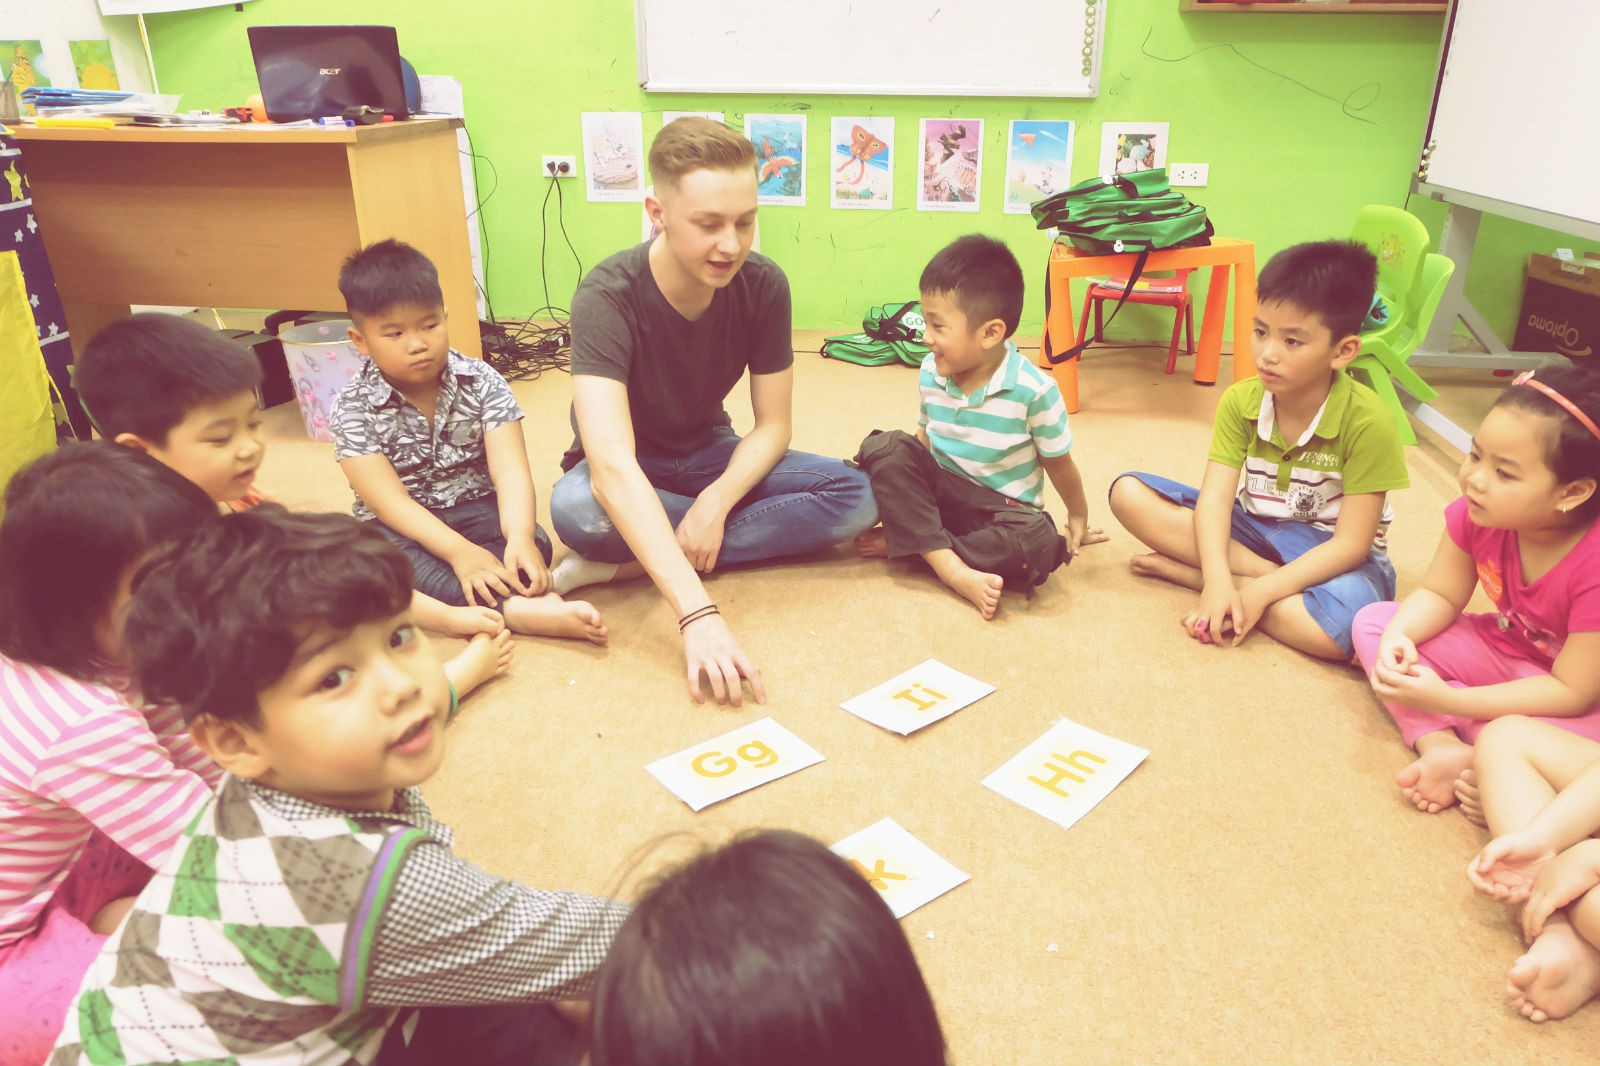 Trẻ mất tập trung khi học bài: Dưới đây là những cách cực hiệu quả để rèn luyện khả năng tập trung cho con-2